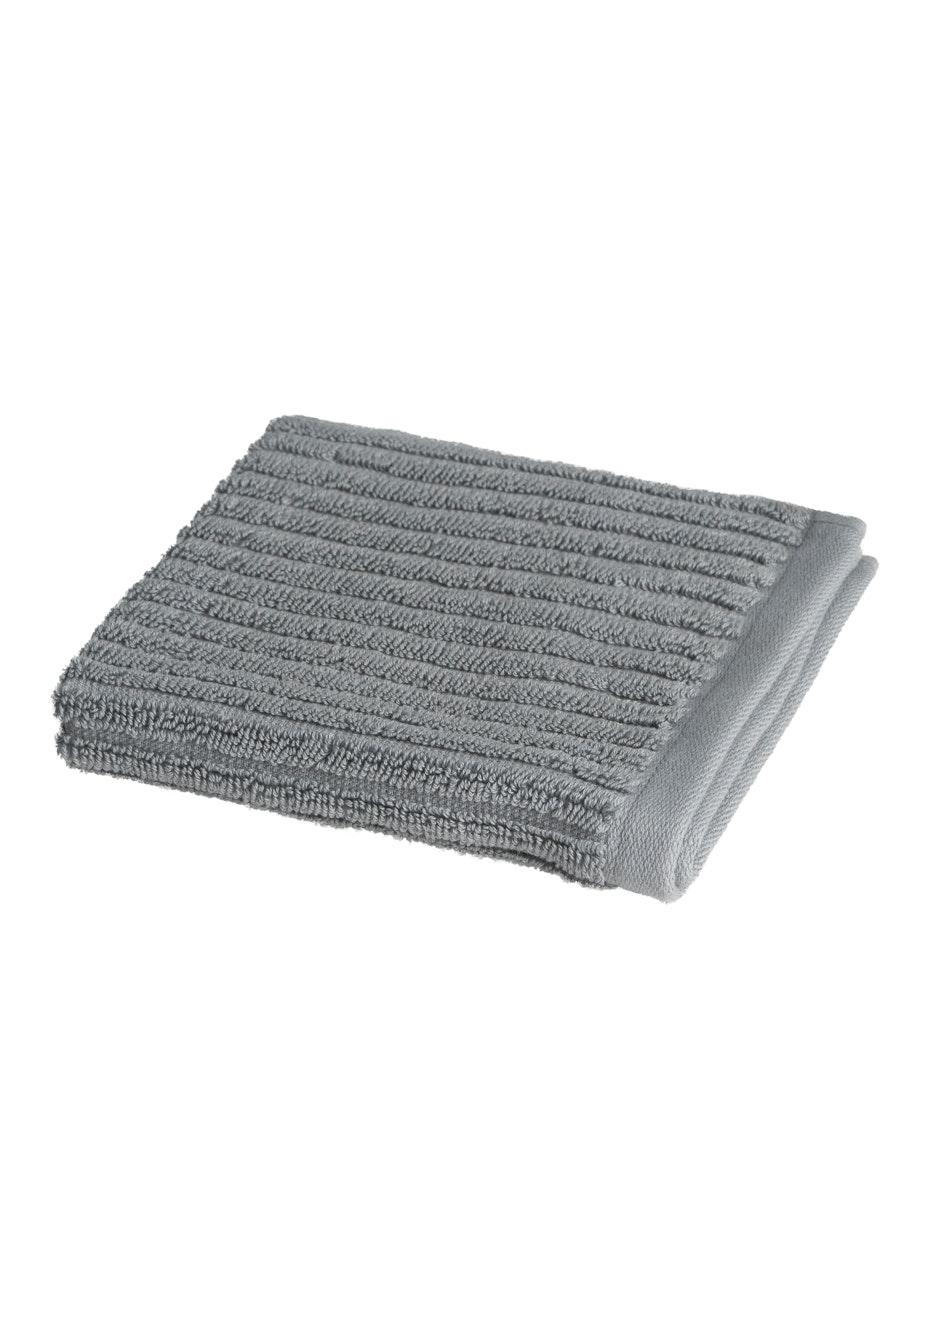 Conran Signature Rib Face Washer Concrete